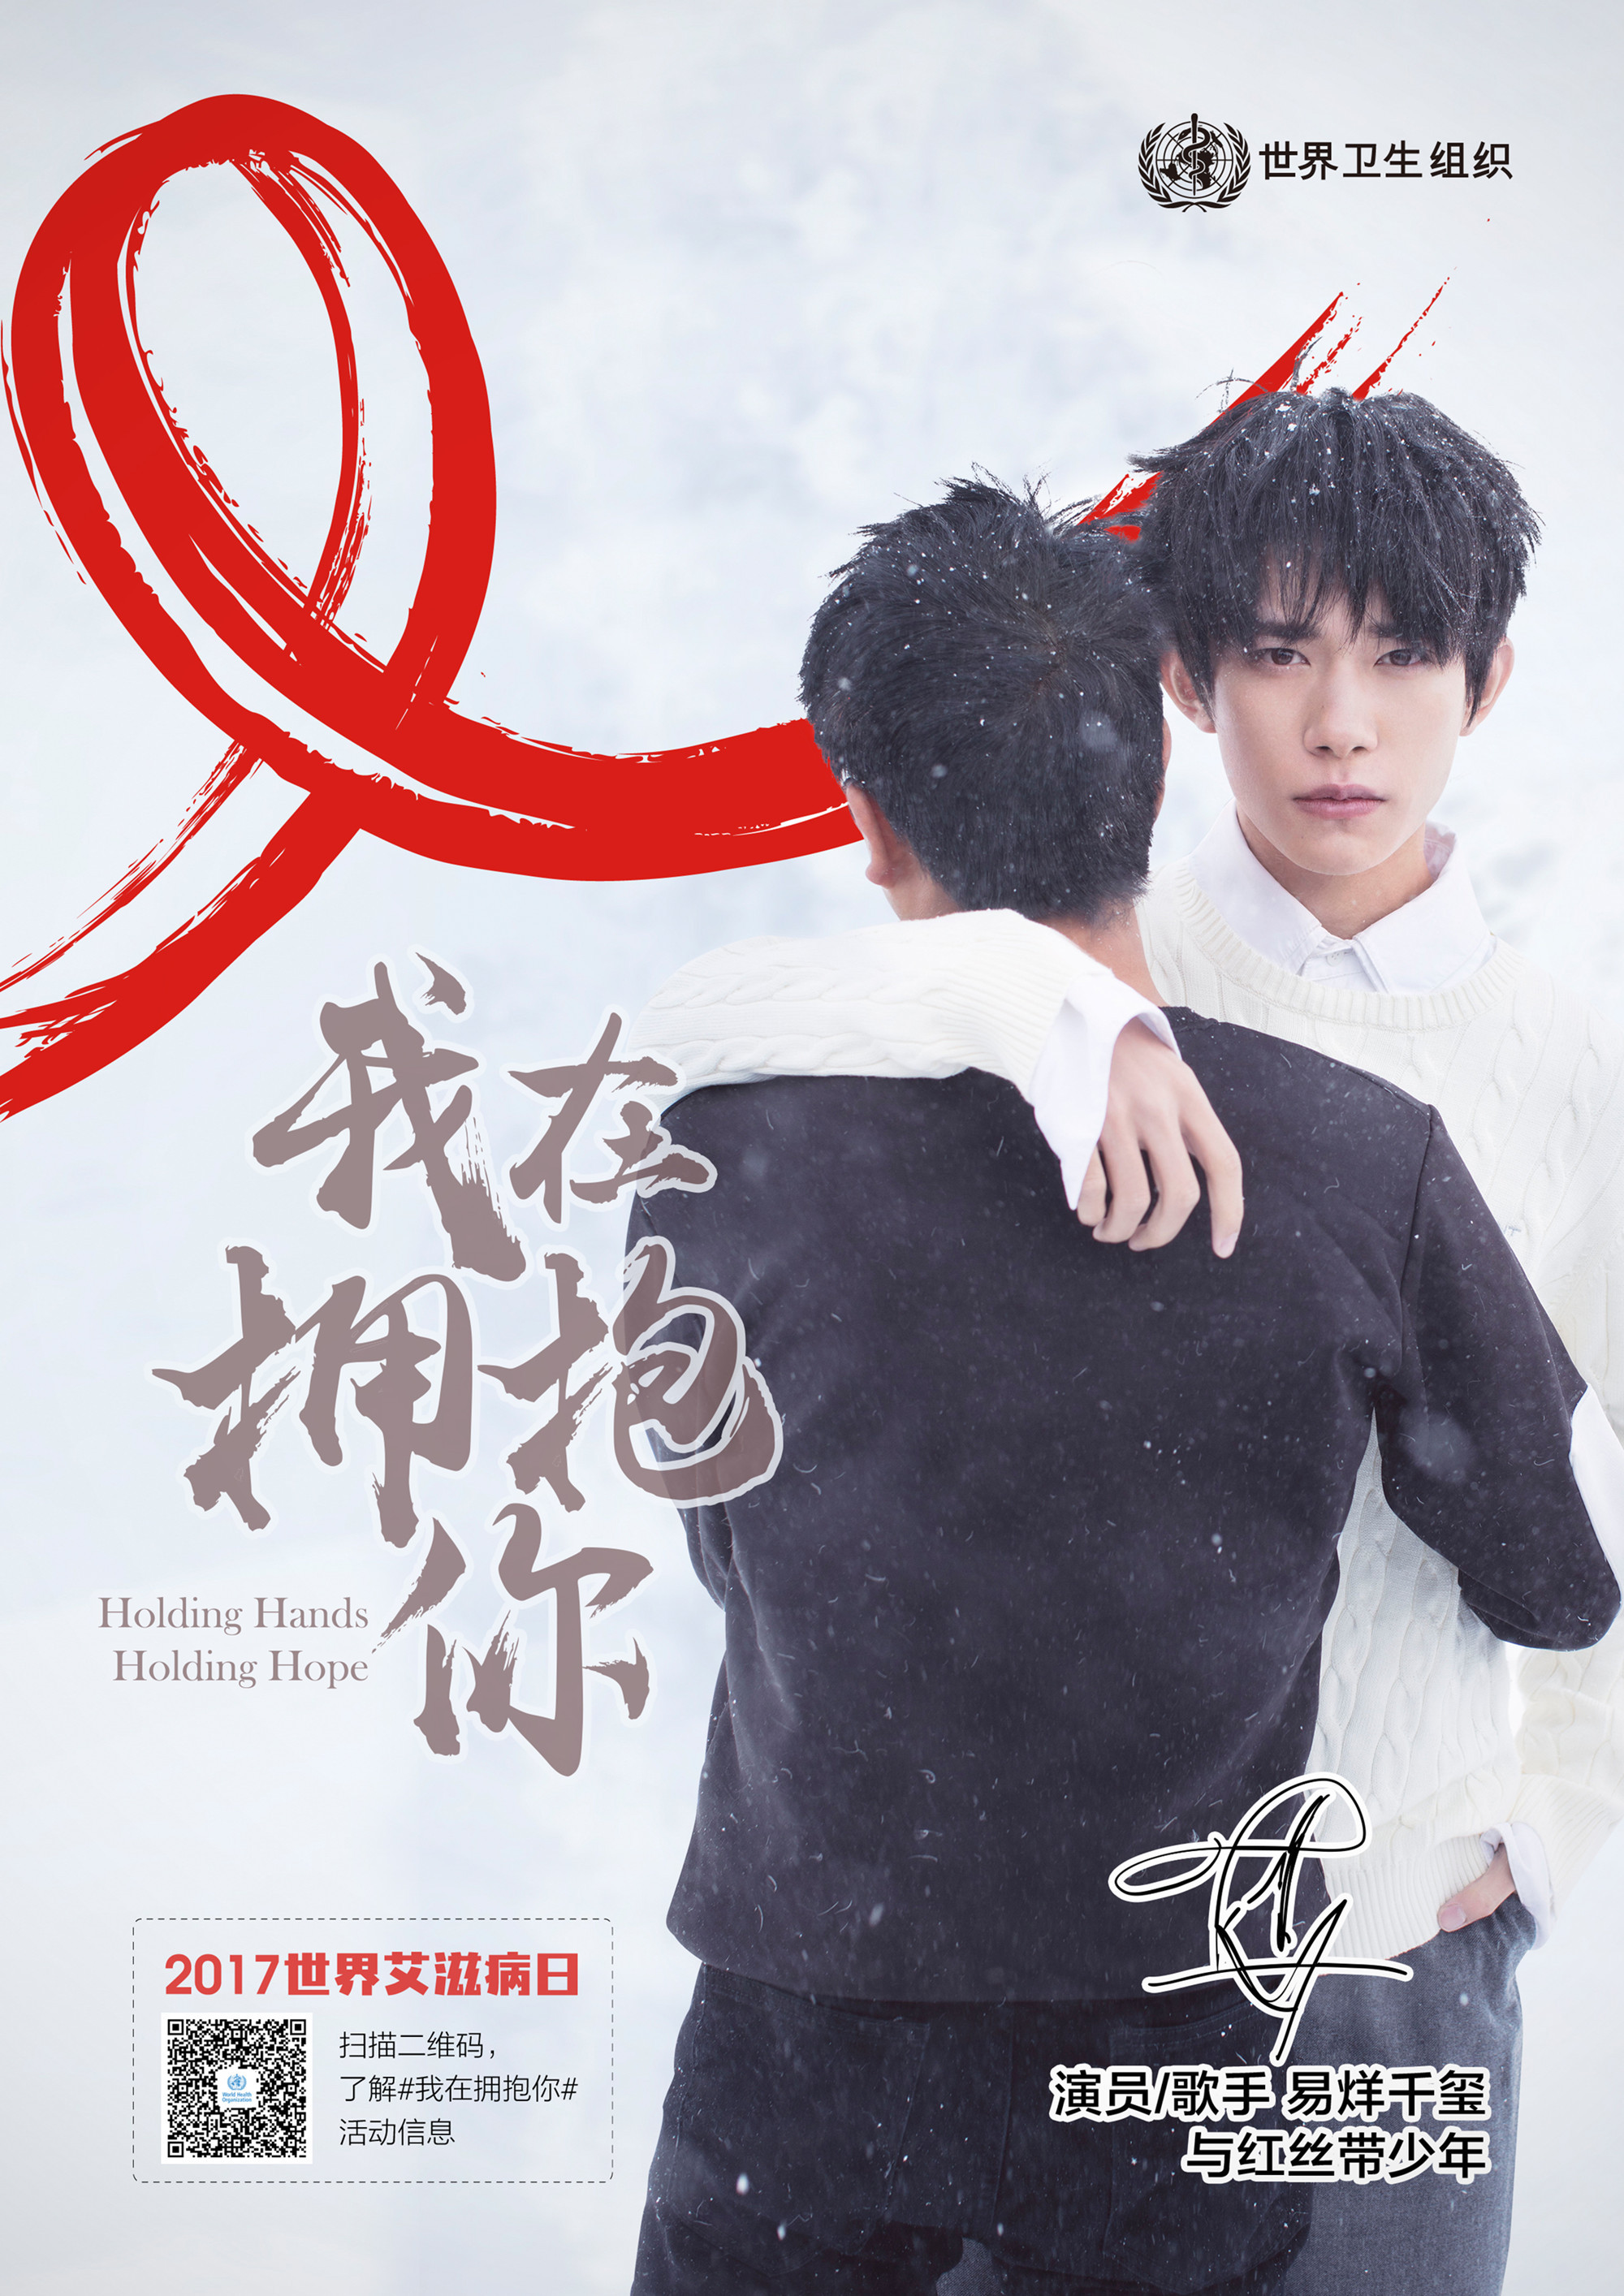 中国艾滋病人多吗_世卫发布艾滋病日宣传海报 中国青年领袖拥抱HIV感染者